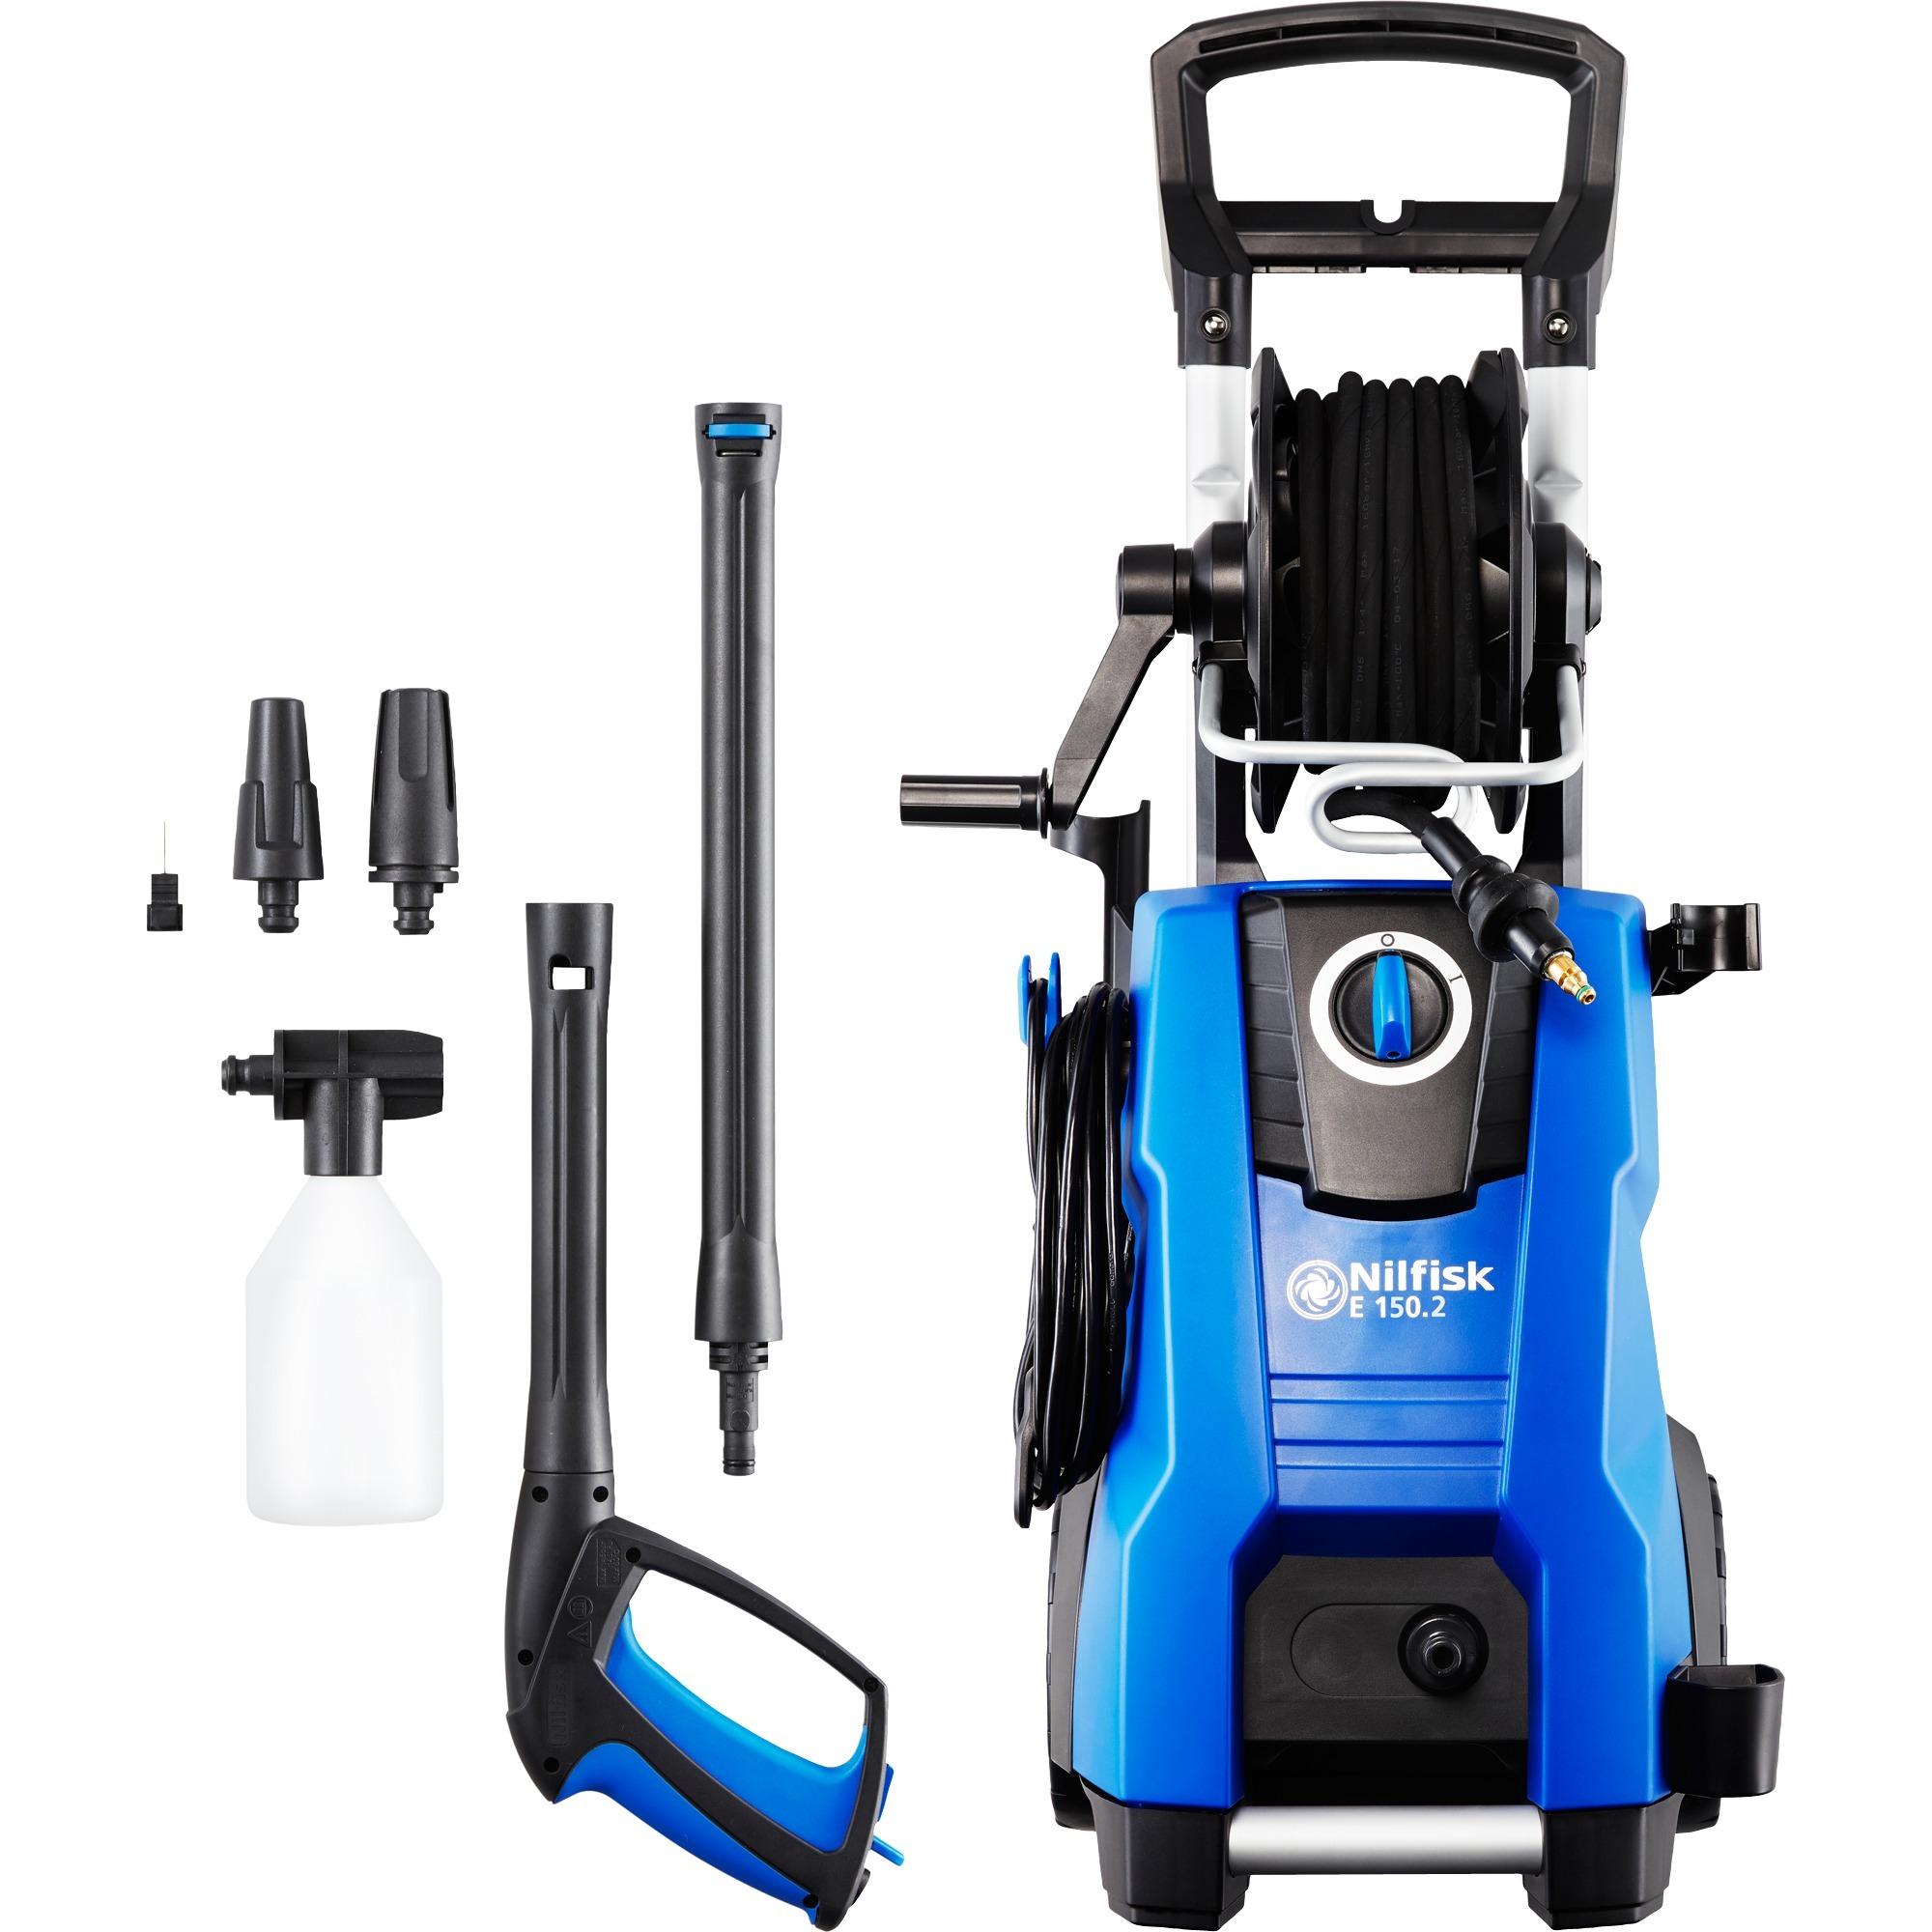 E 150.2 Compacto Eléctrico 500l/h 2100W Negro, Azul Limpiadora de alta presión o Hidrolimpiadora, Hidrolimpiadora de alta presión